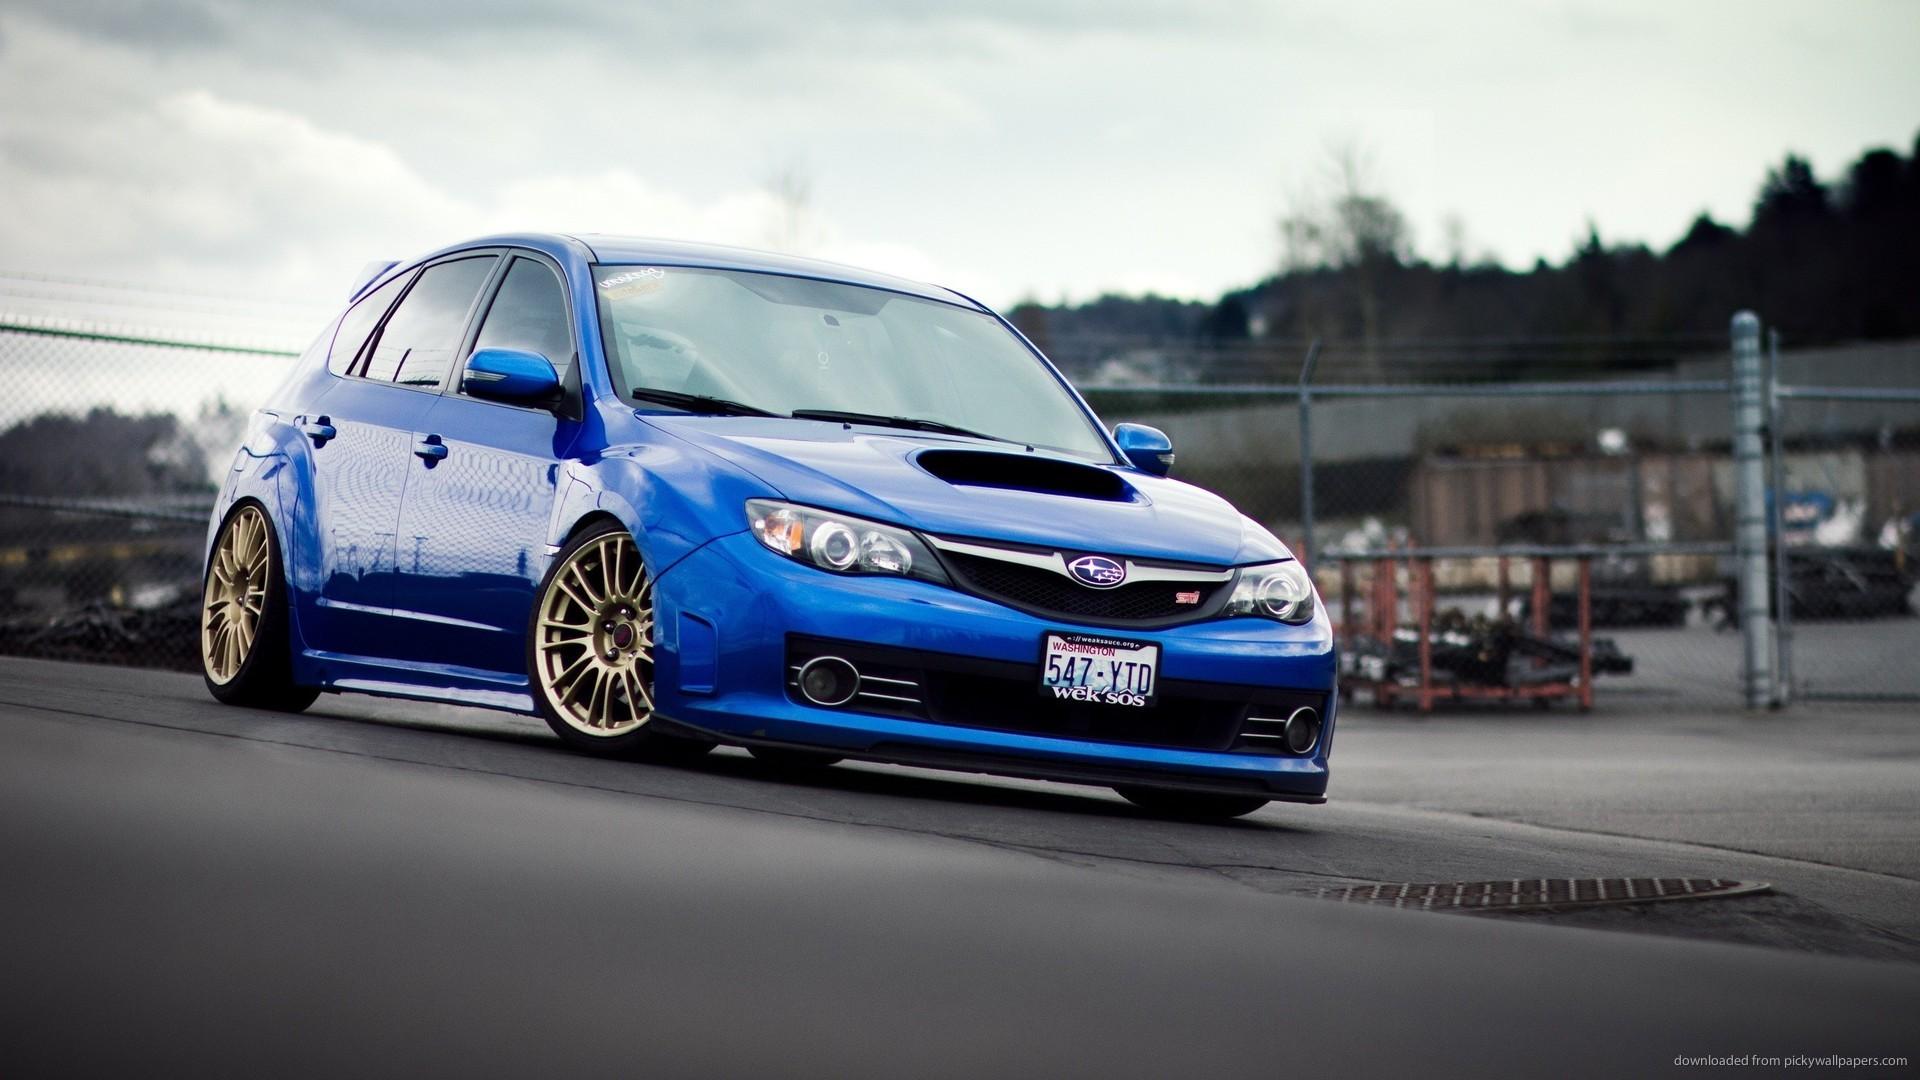 Blue Subaru Impreza WRX STI picture